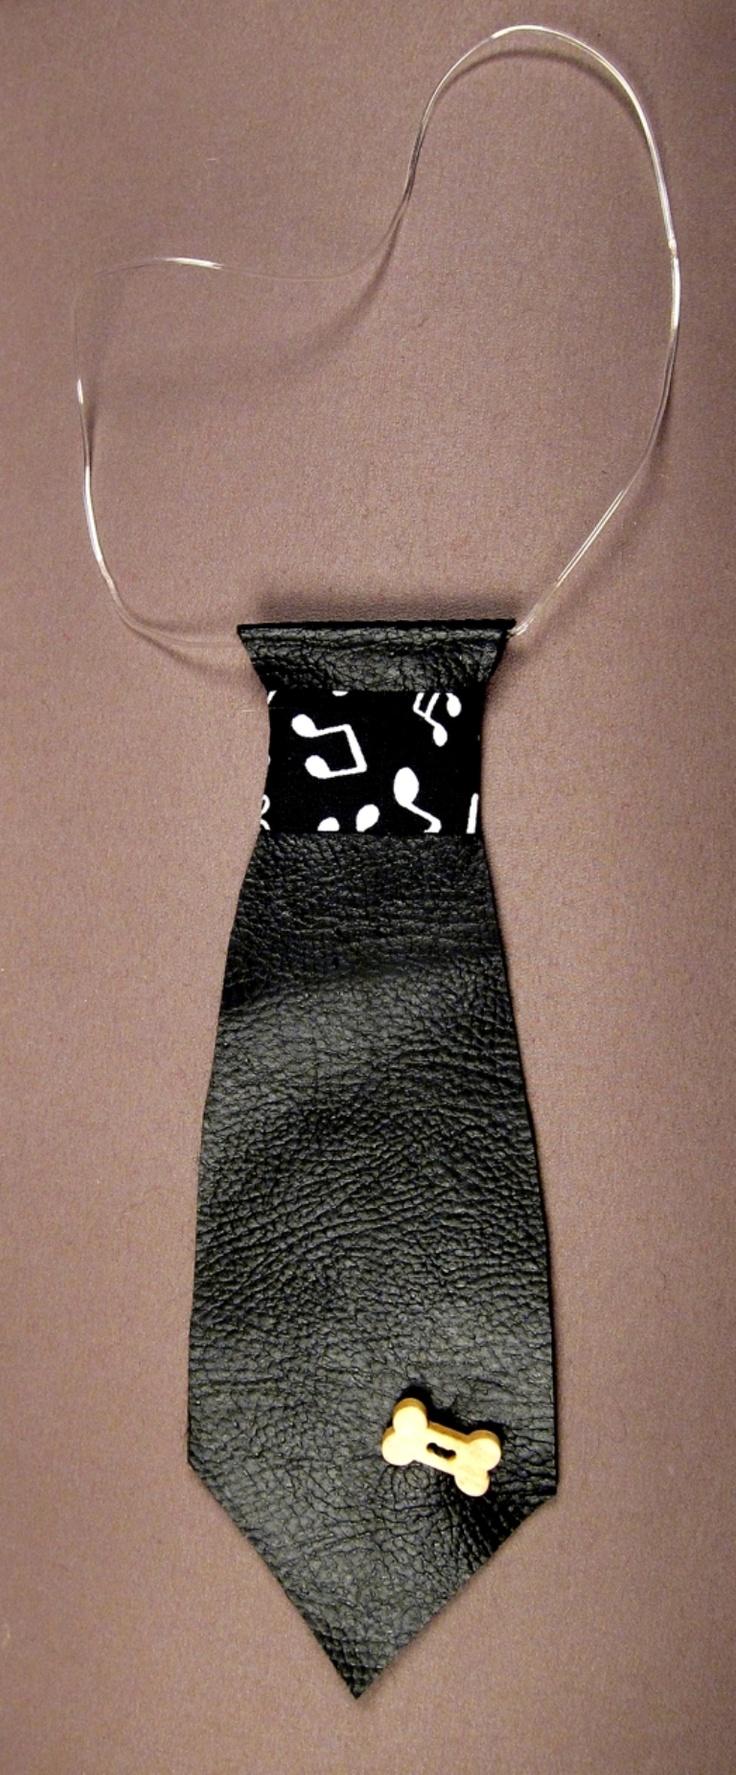 Mais de 169 Gravatinha Pet Musicalia  laços pet, acessórios pet, acessórios  para cachorro, lacos para cachorro, gravata pet ca2de9a395